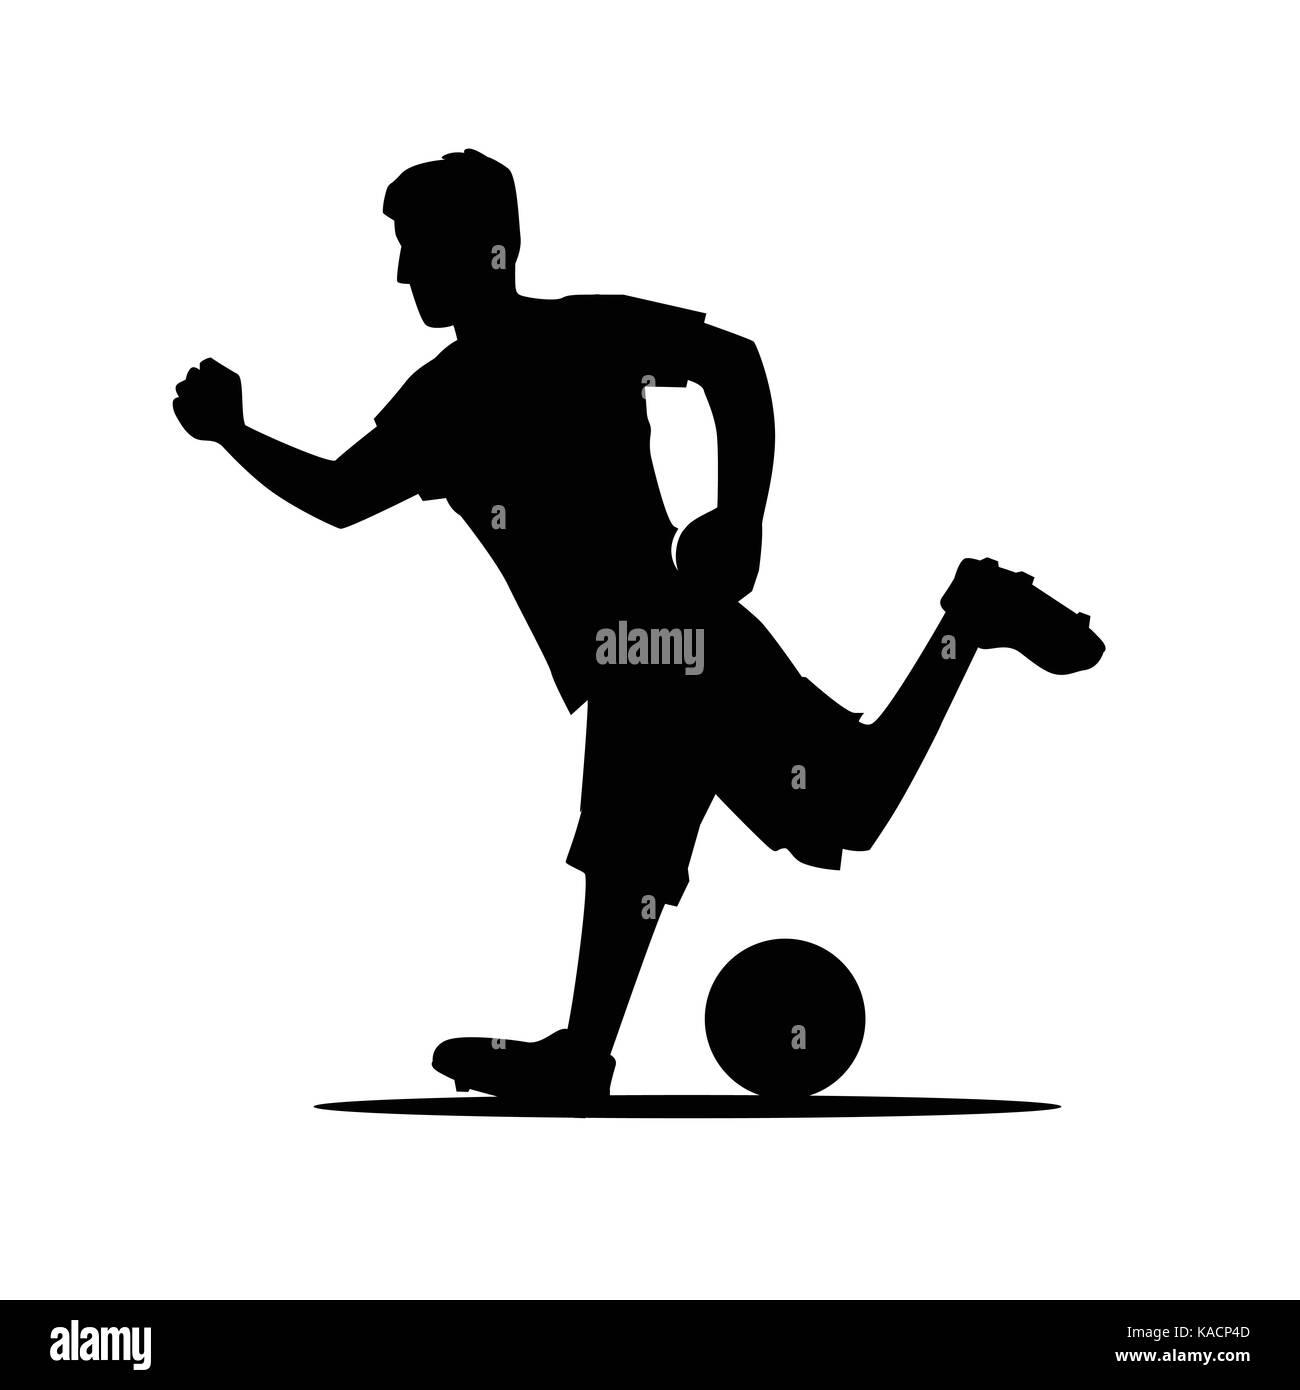 Disparar A Un Jugador De Pelota Silueta Jugador De Fútbol Con Balón